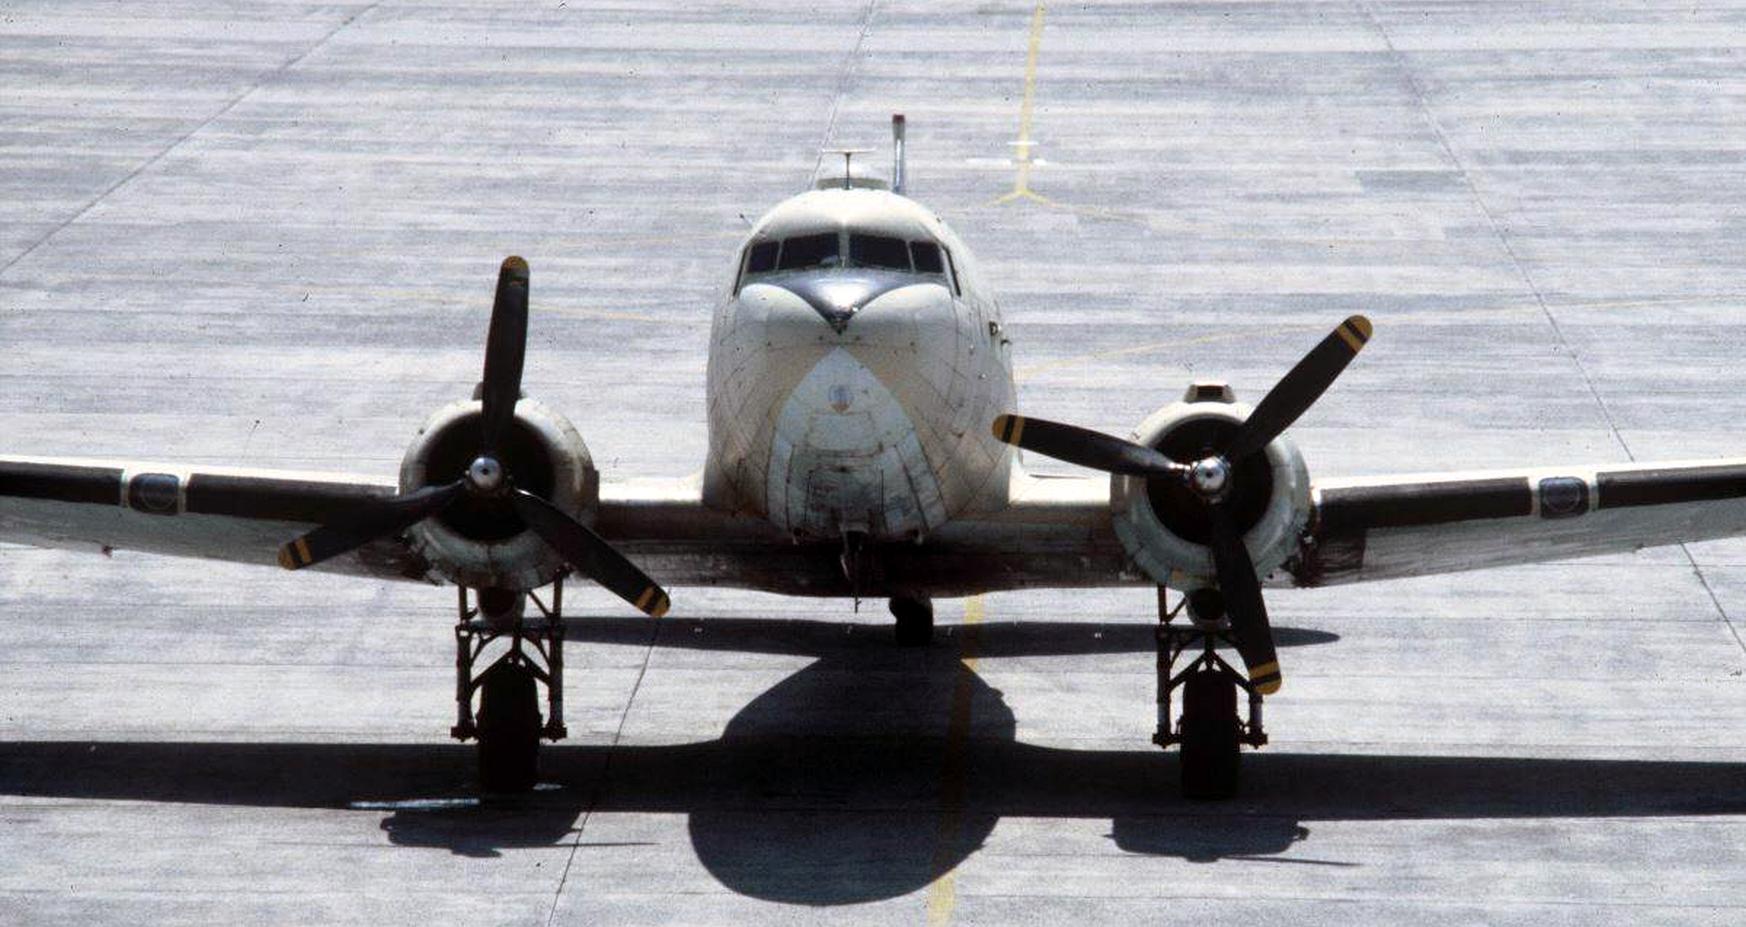 FRA: Photos anciens avions des FRA - Page 13 49759688742_ece5d7c726_o_d